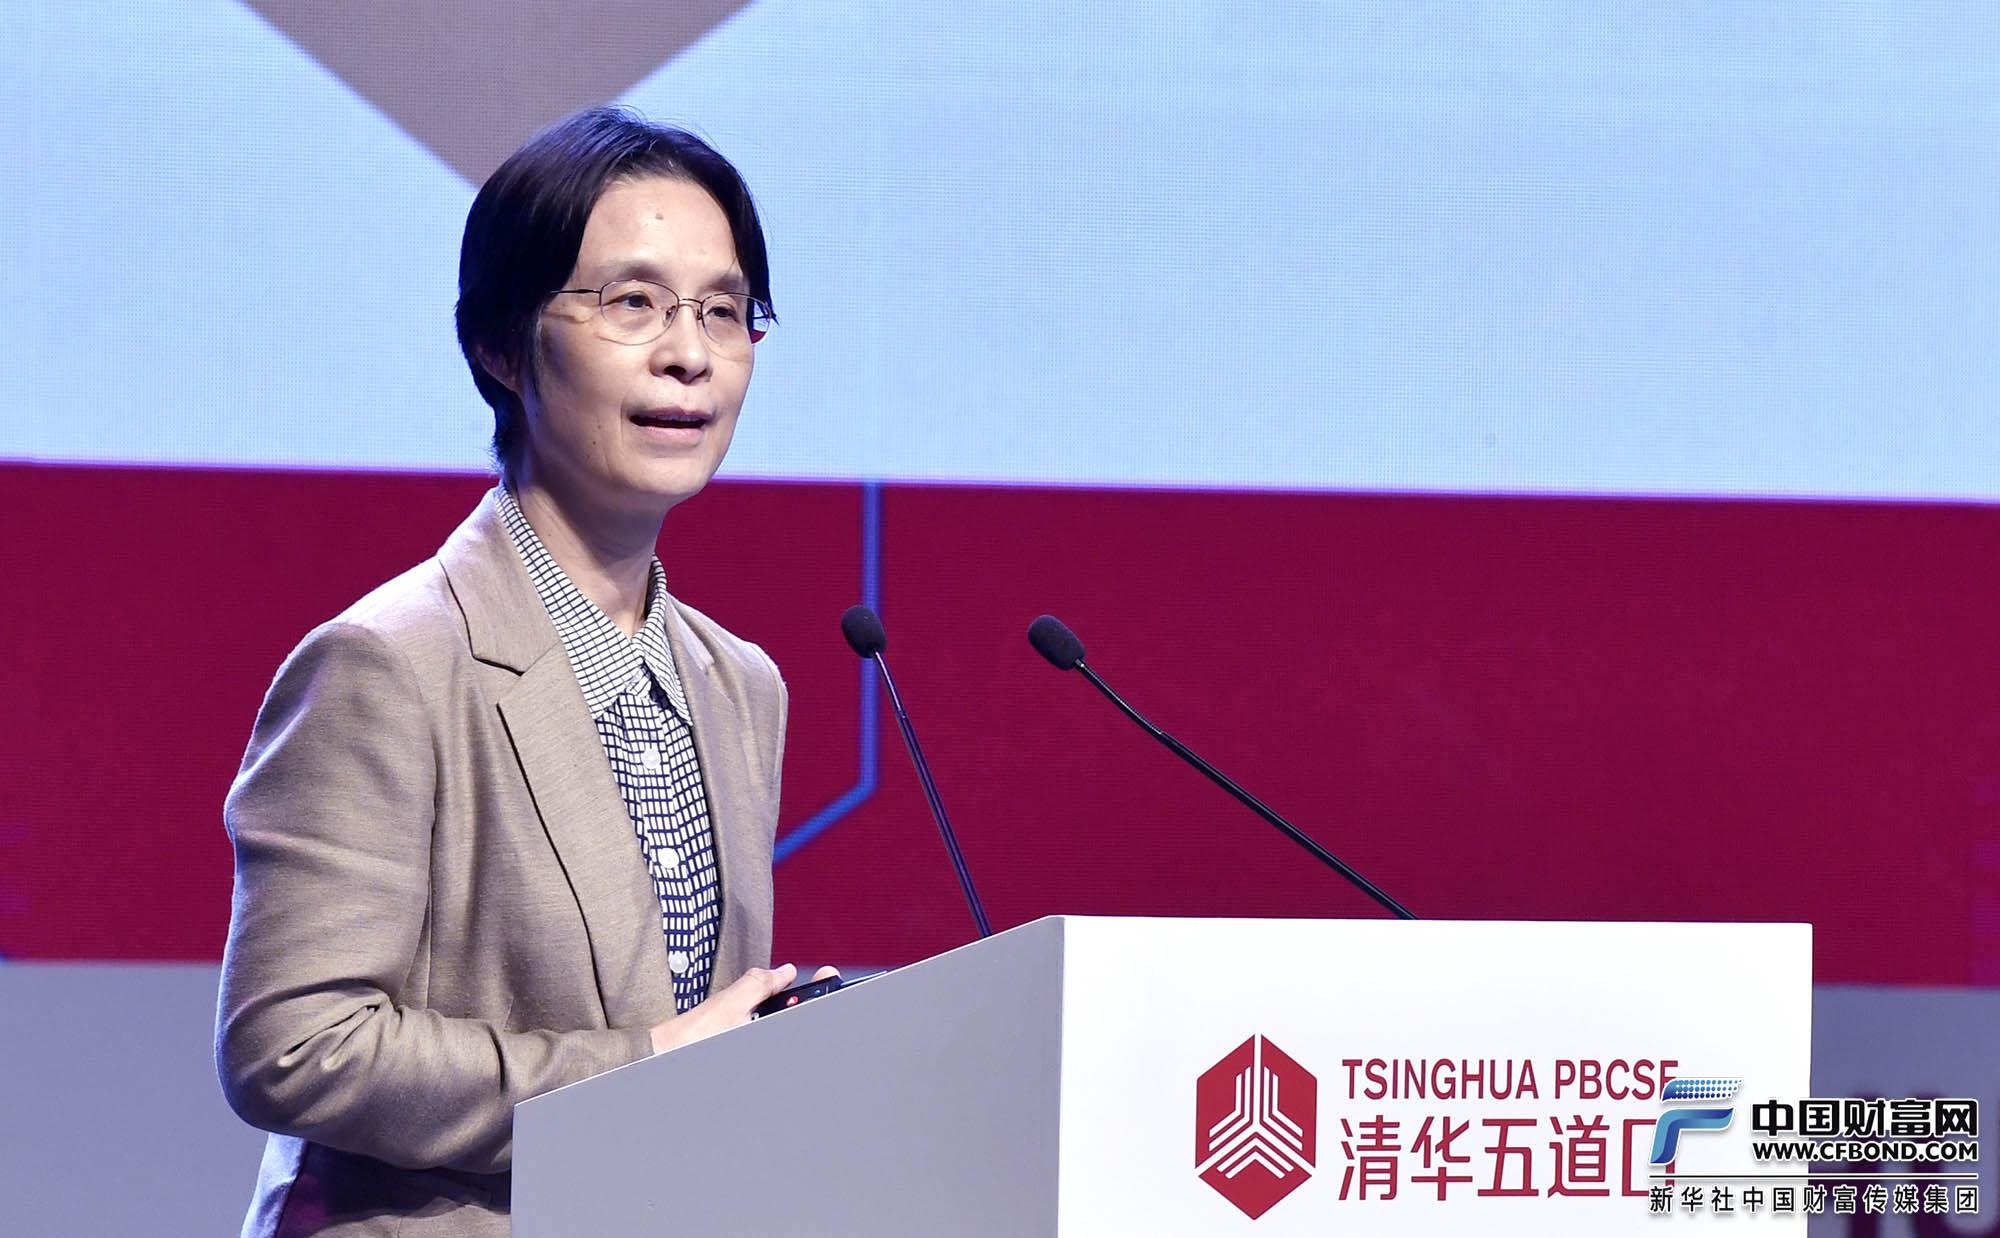 演讲嘉宾:十三届全国人大常委、清华大学公共管理学院教授 、院长江小涓。